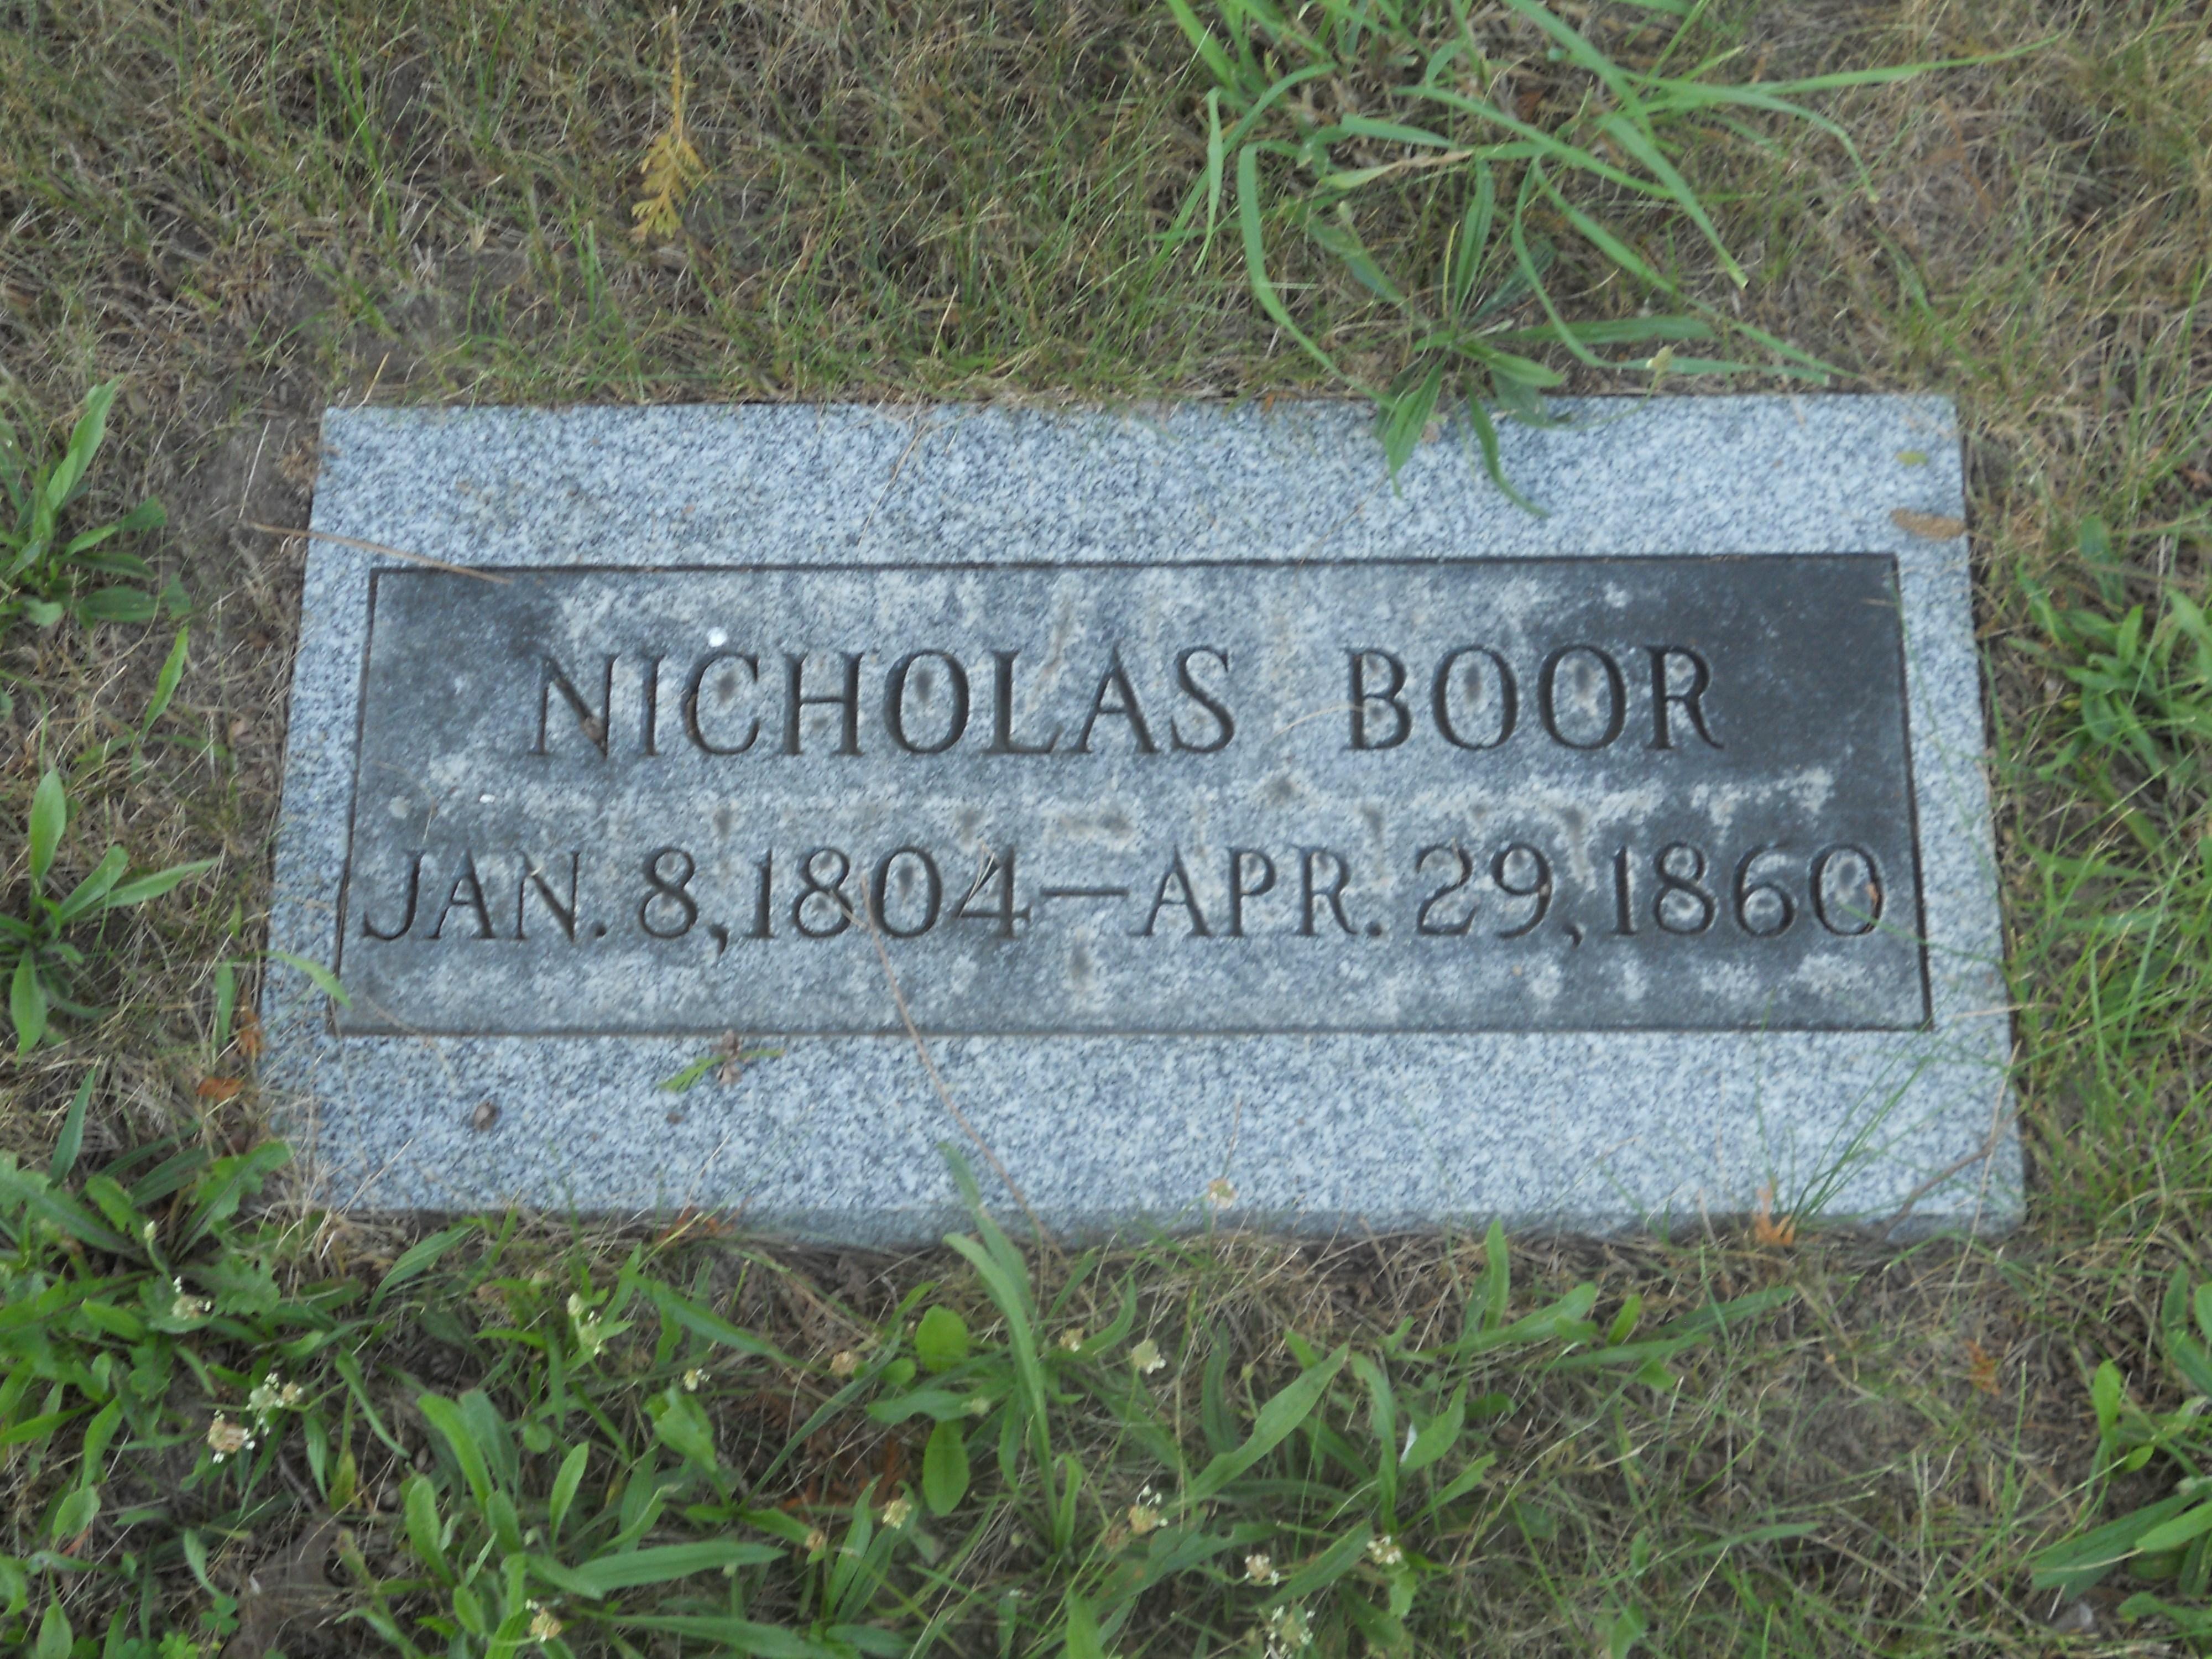 Nicholas Boor